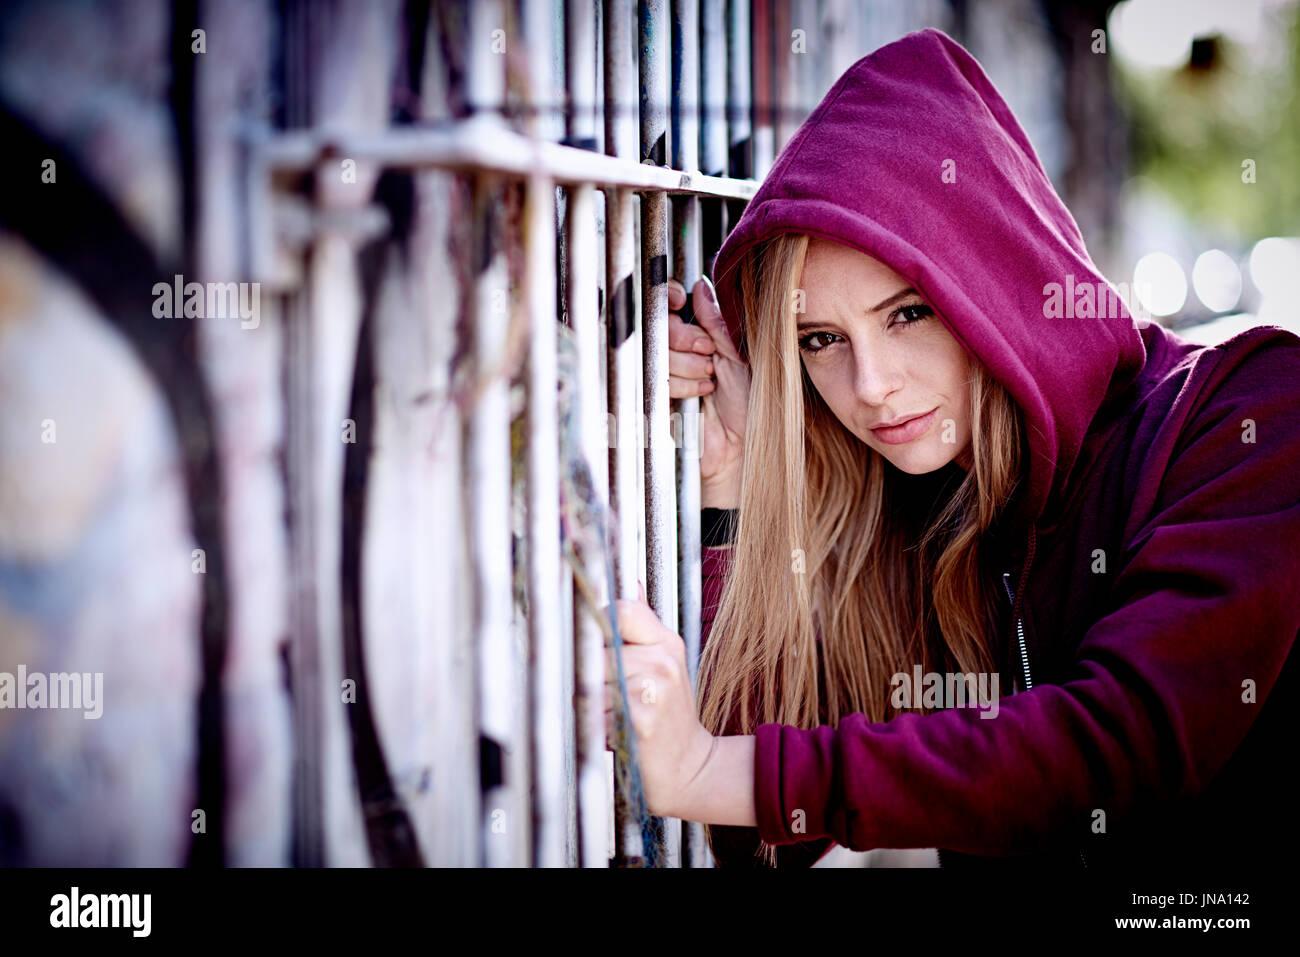 Moody girl in hoody in gritty, urban setting. - Stock Image